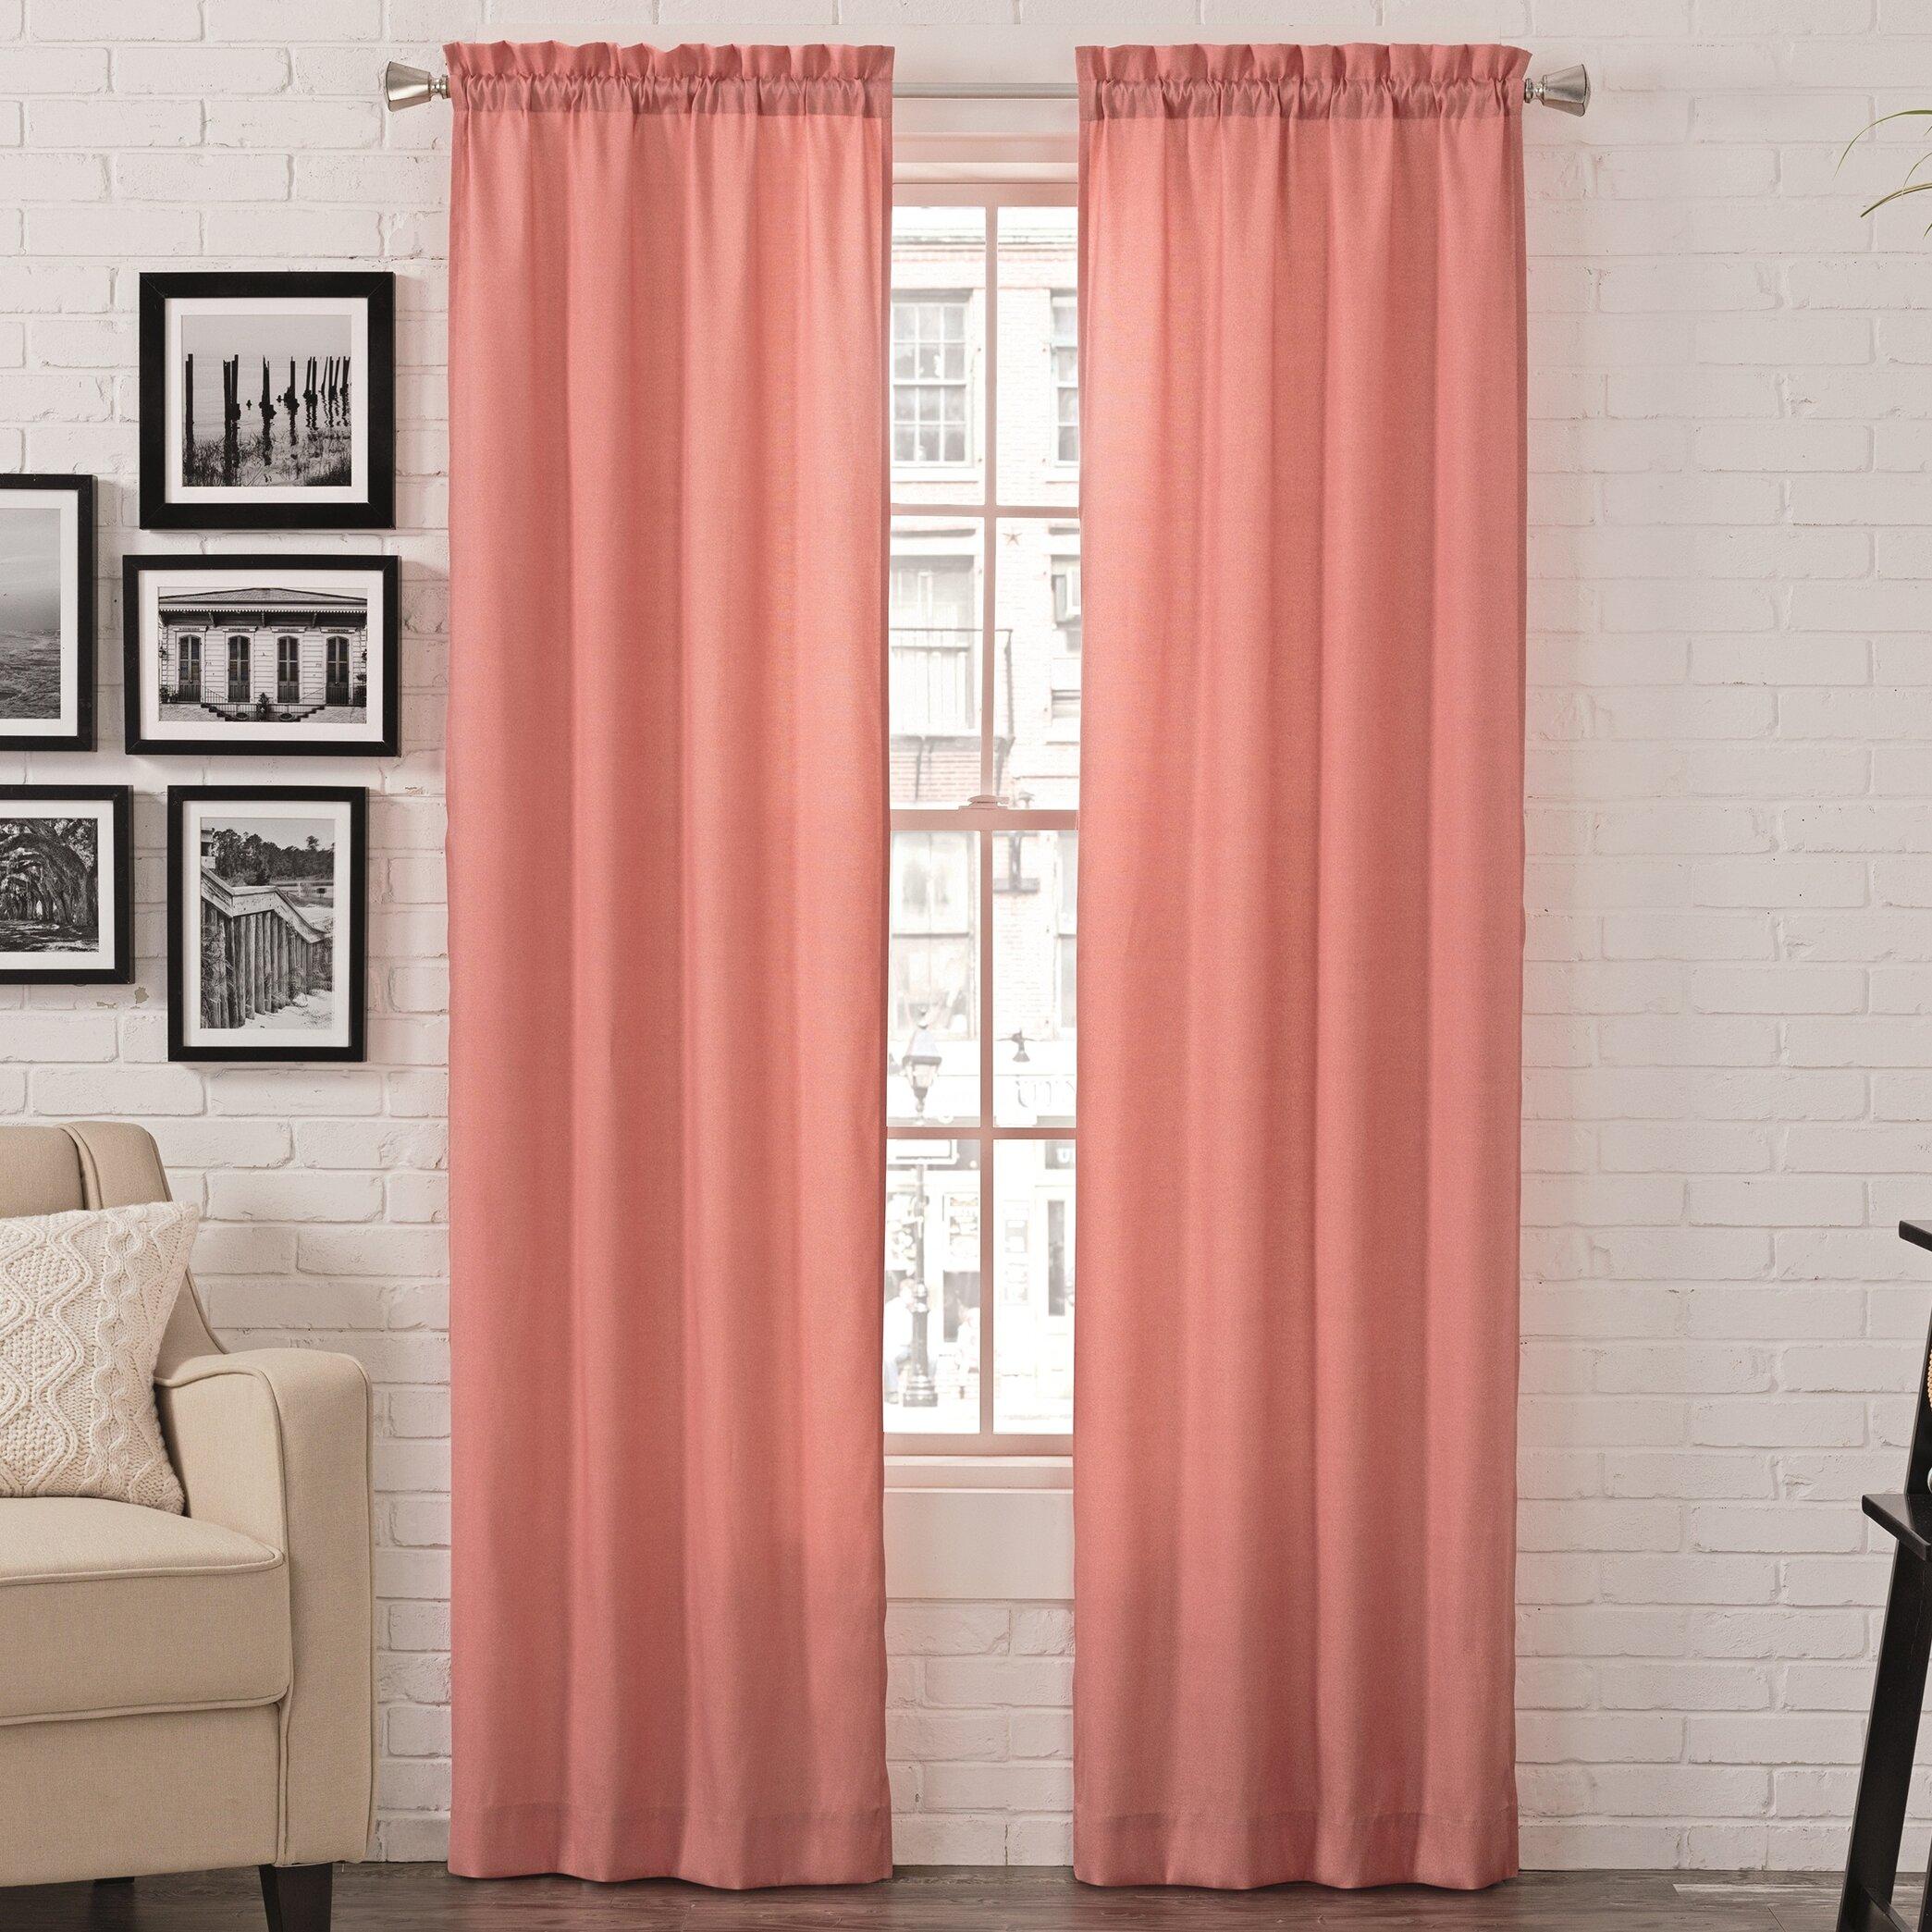 Kenda Modern Solid Light Filtering Rod Pocket Curtain Panels